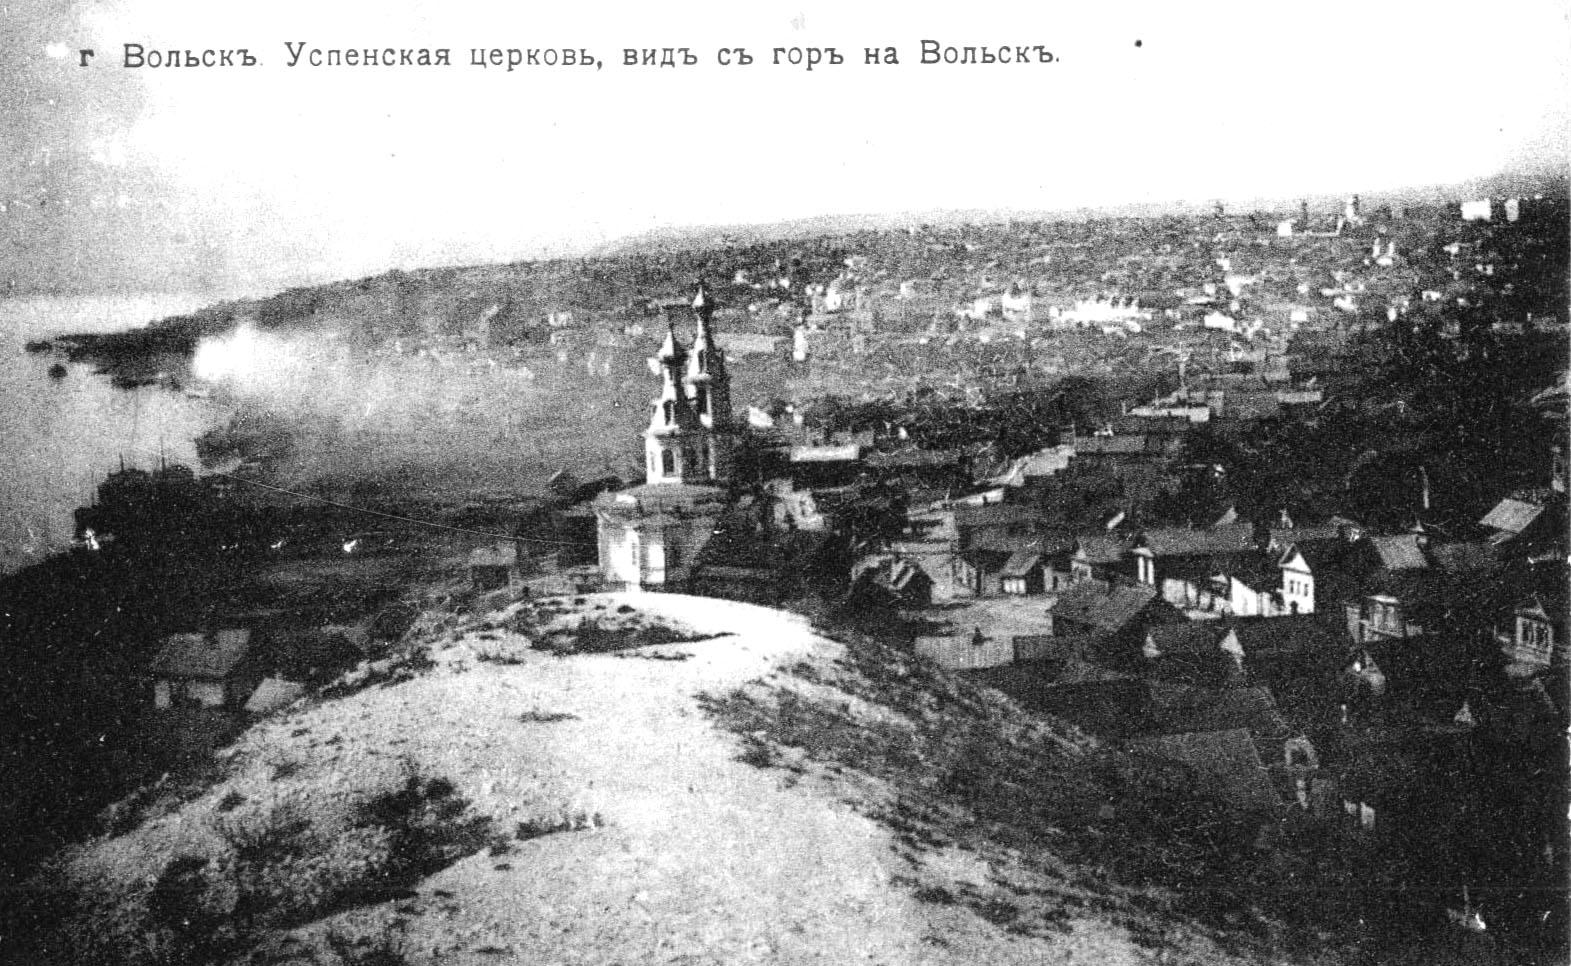 Успенская церковь, вид с горы на Вольск